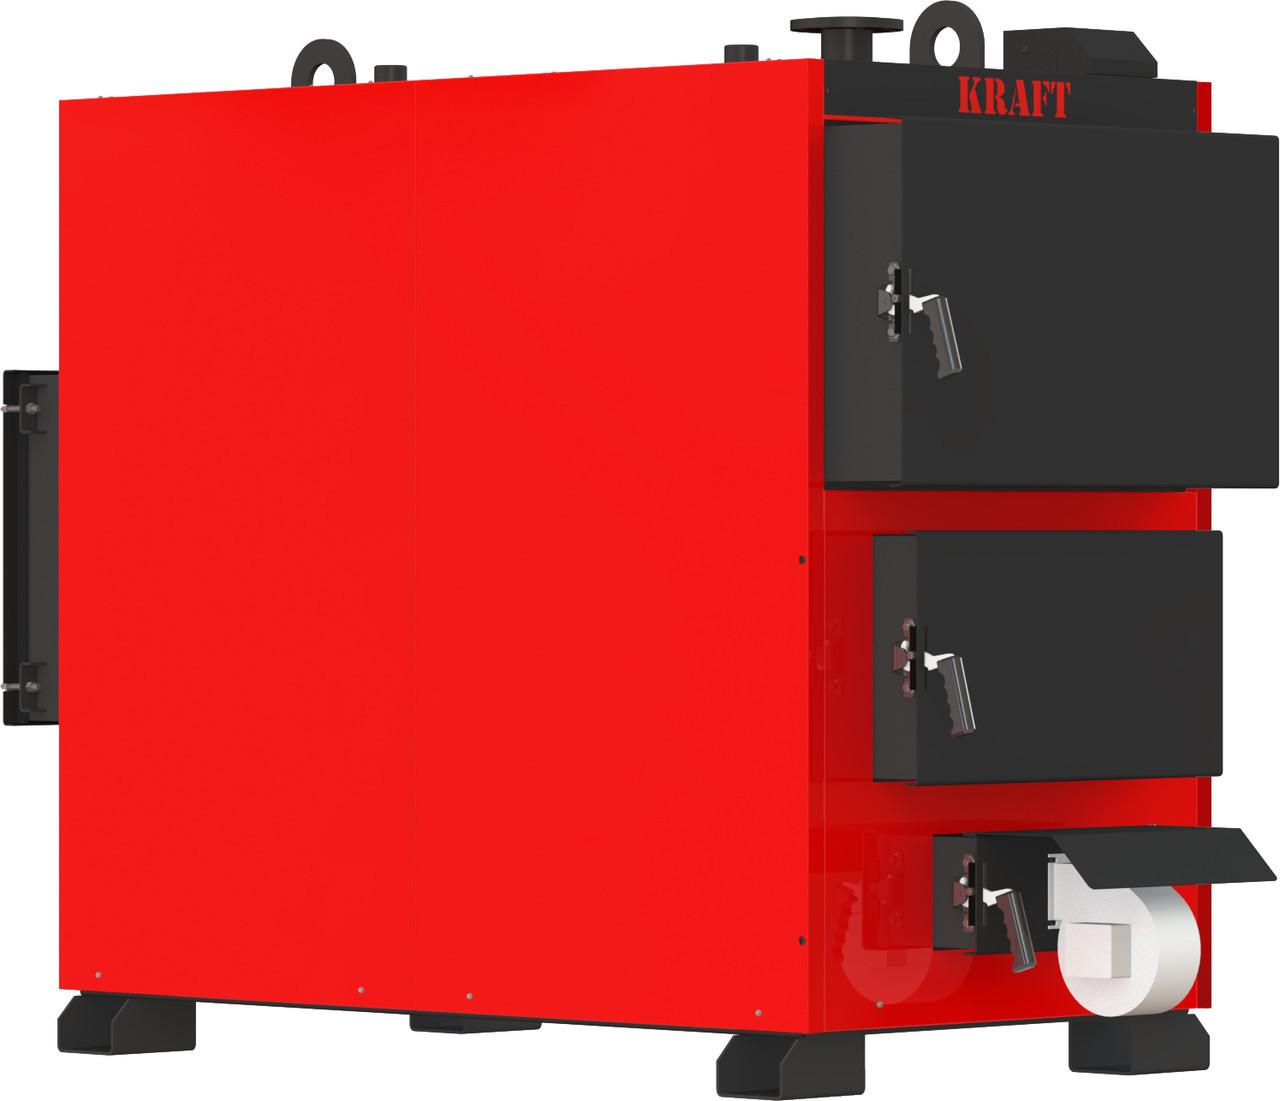 Жаротрубные котлы KRAFT PROM мощностью 300 кВт